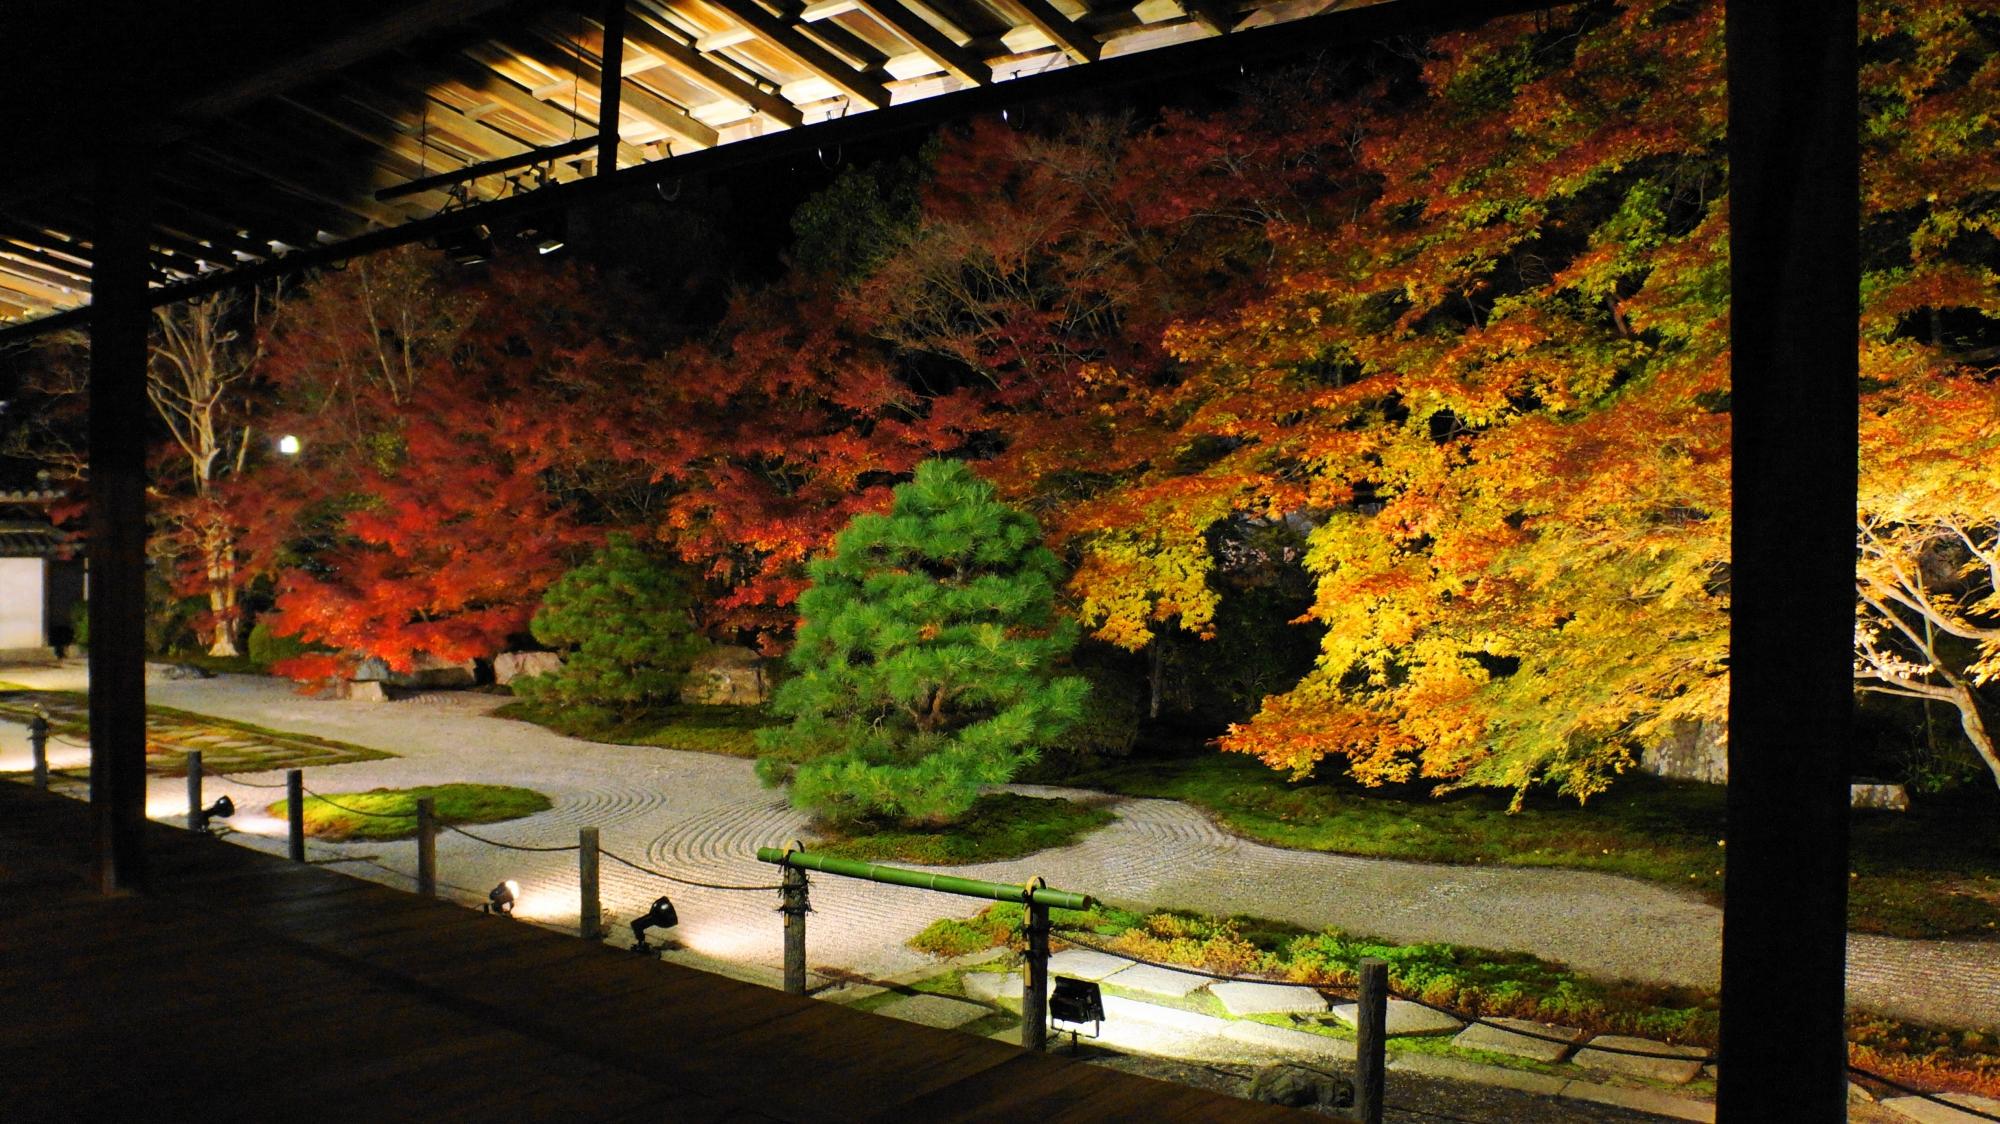 天寿庵の素晴らしい紅葉のライトアップと秋の夜の情景